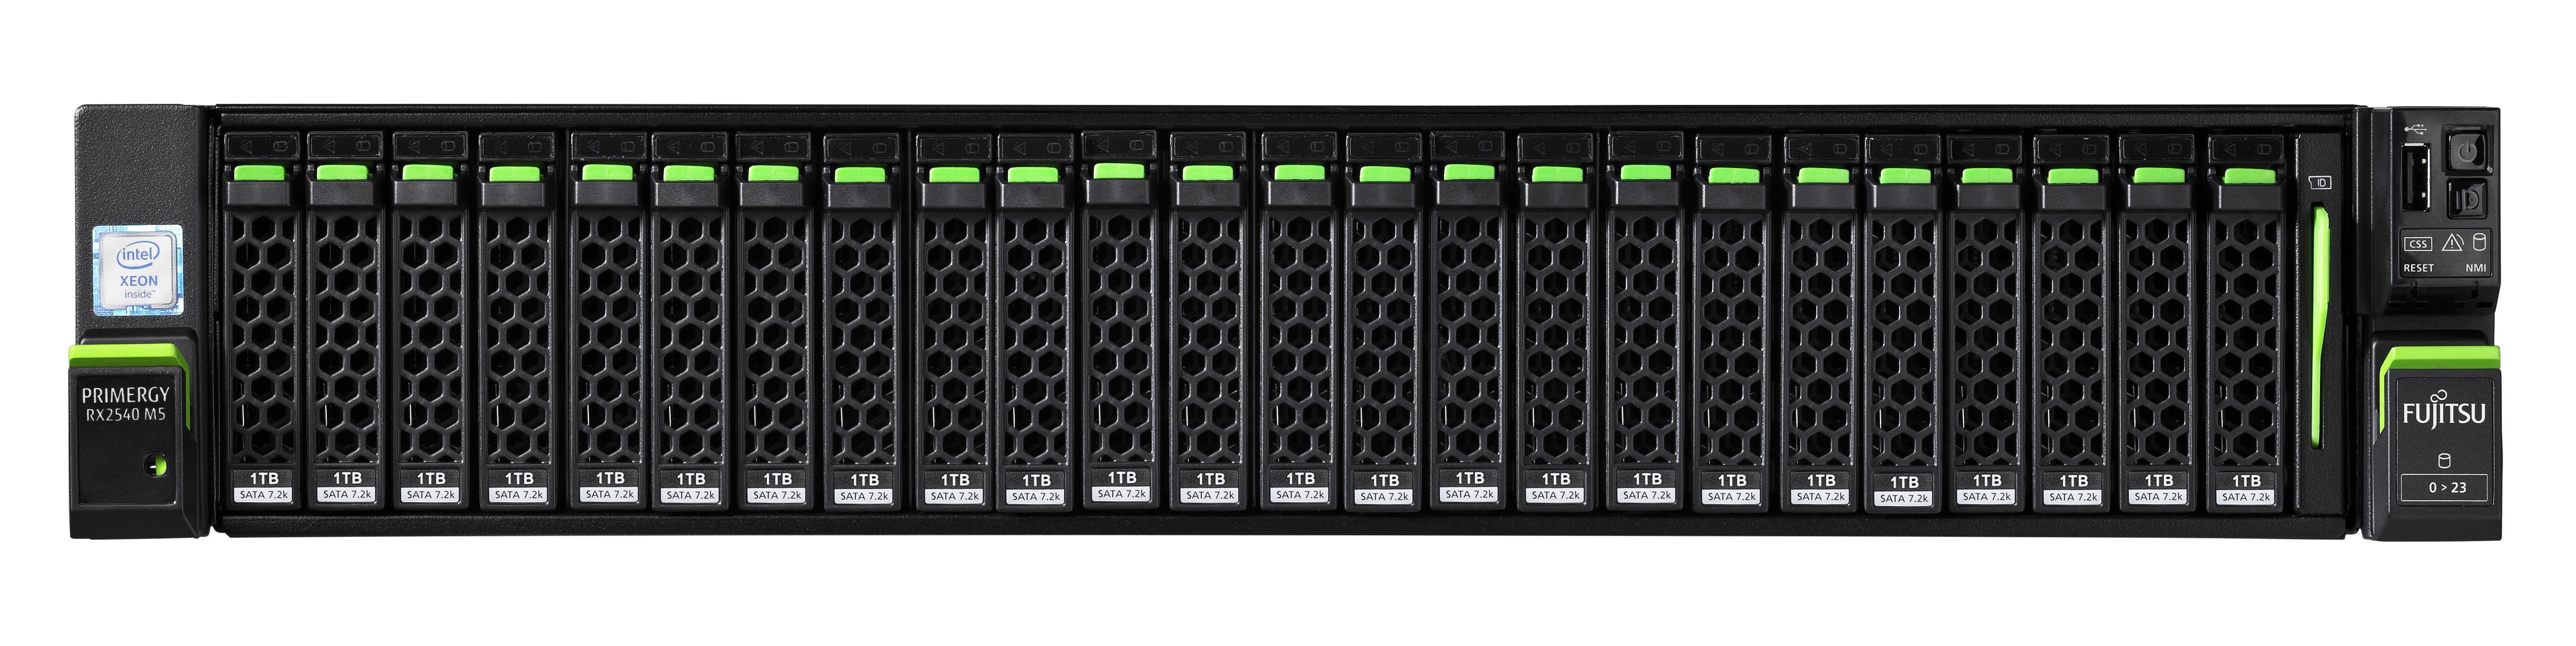 Fujitsu PRIMERGY RX2540 M5 server Intel® Xeon® Gold 3,3 GHz 32 GB DDR4-SDRAM 12 TB Armadio (2U) 450 W